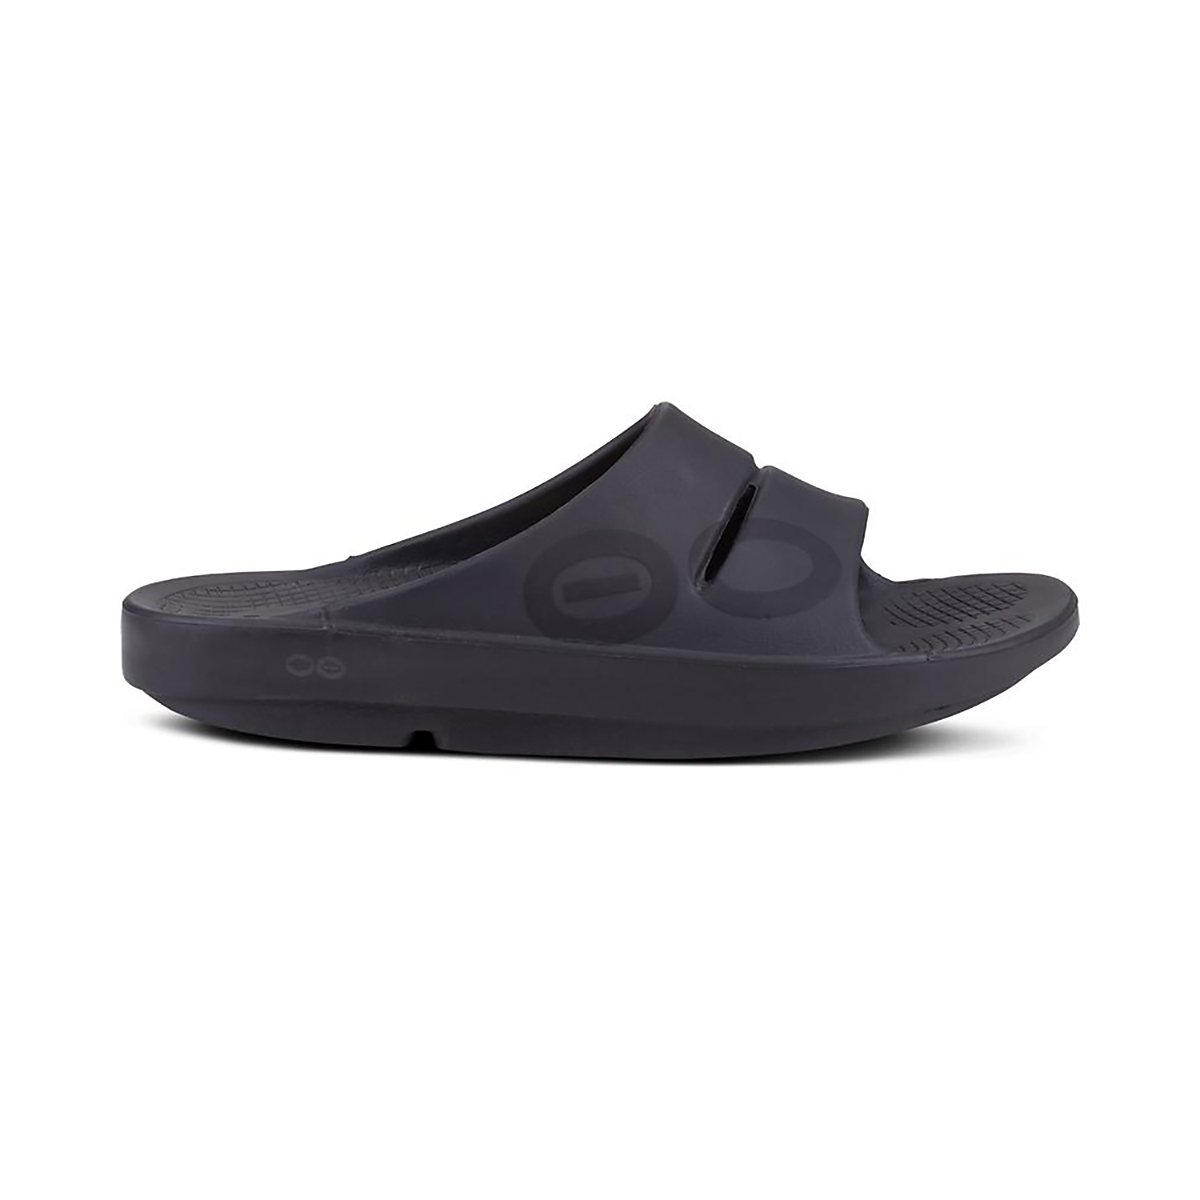 Oofos OOahh Sport Slide Recovery Sandal - Color: Black/Matte - Size: M3/W4.5 - Width: Regular, Black/Matte, large, image 1